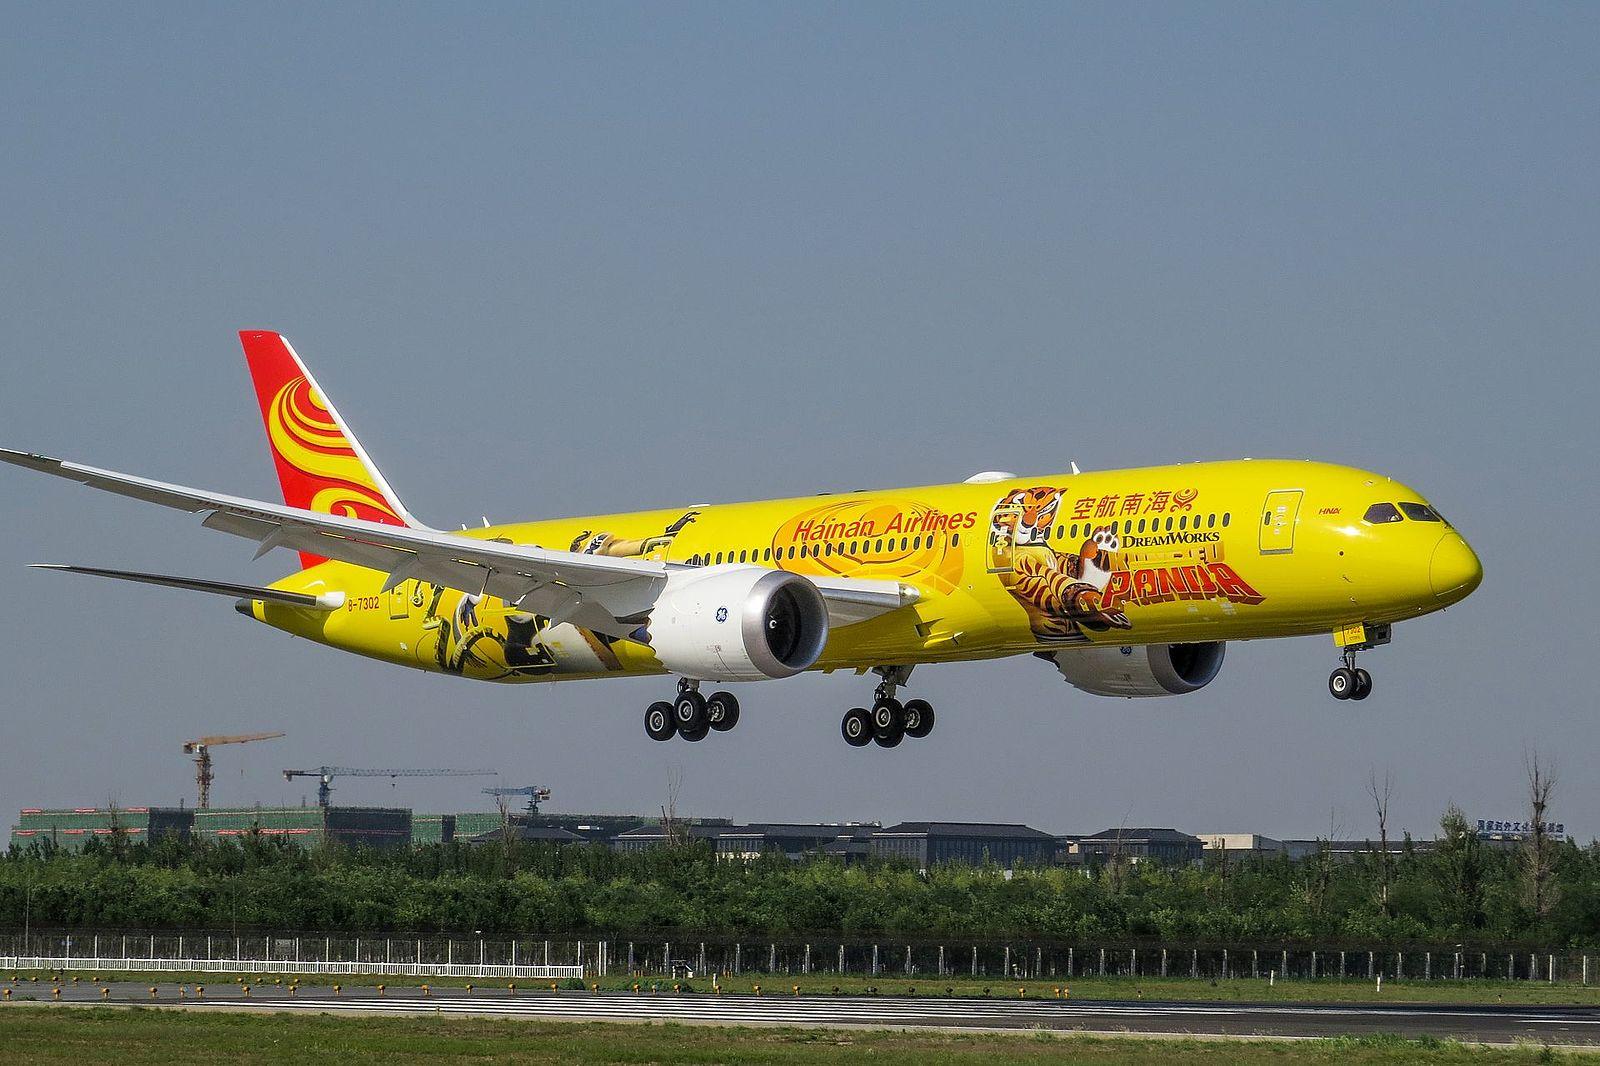 圖為9月10日海南航空HU469延誤事件中的客機資料圖片。(Wikimedia Commons/N509FZ)